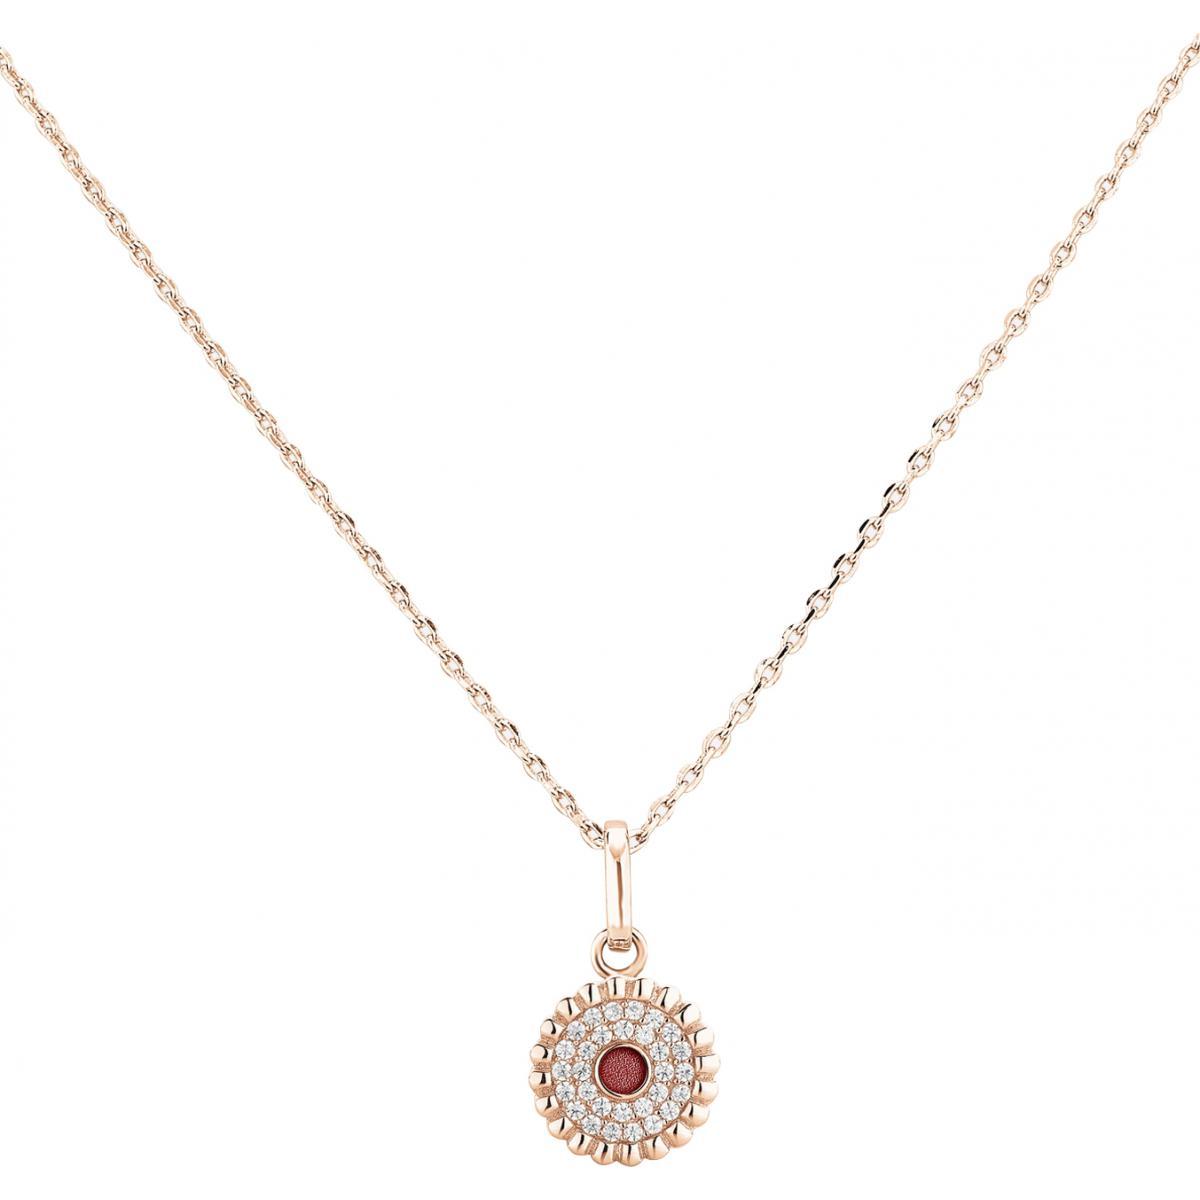 Mariage élégant Perle Cristal Collier Pendentif Pour Femmes Bijoux Rose Couleur Or